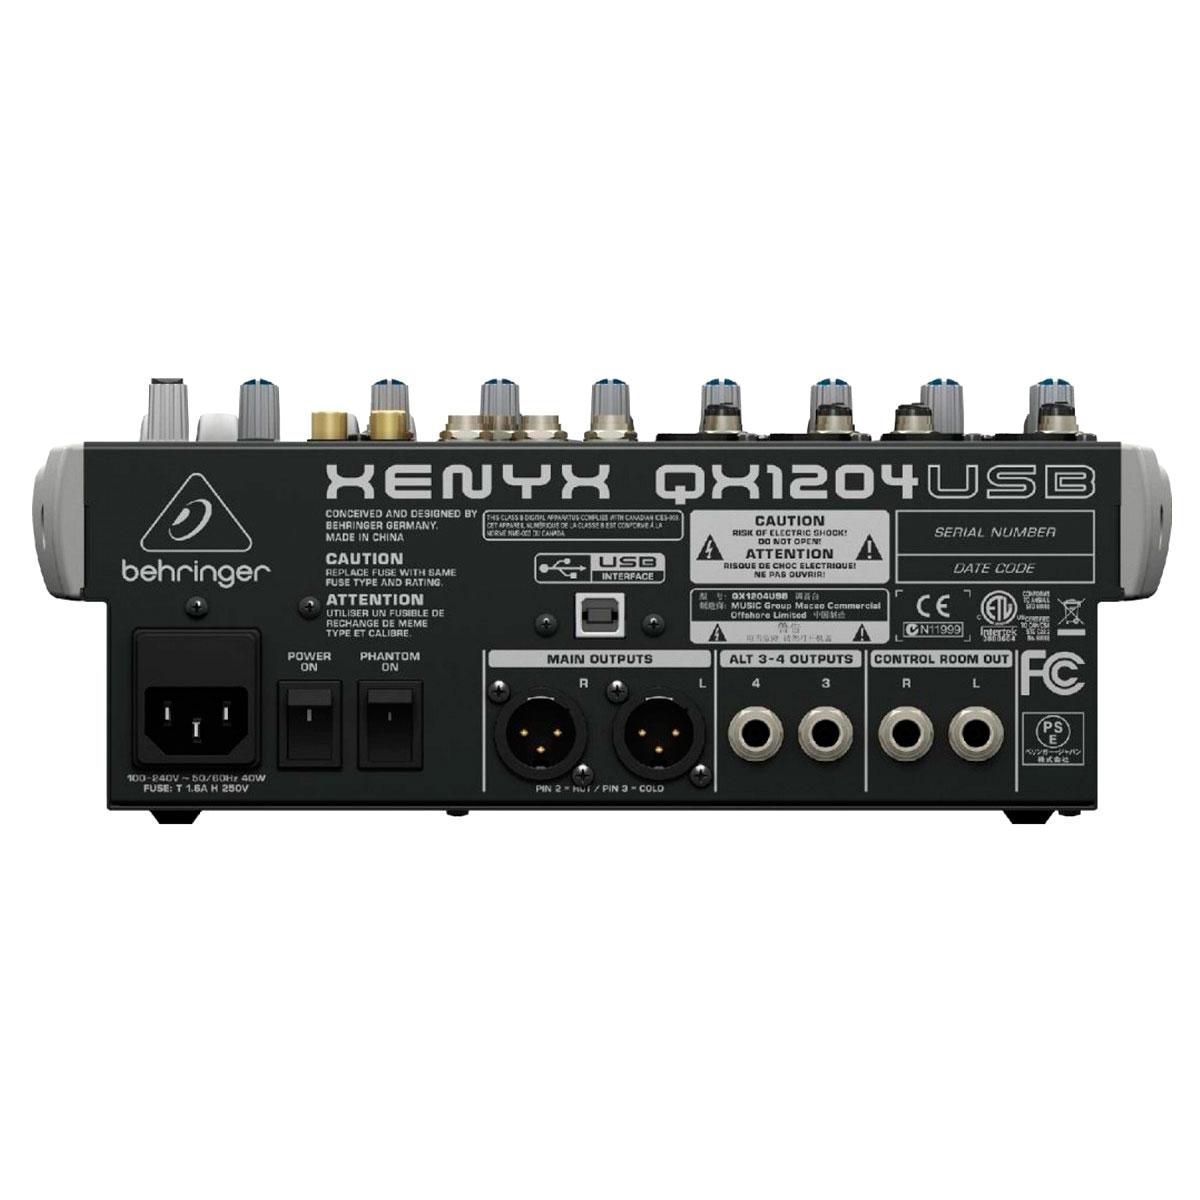 QX1204USB - Mesa de Som / Mixer 12 Canais Xenyx QX 1204 USB - Behringer